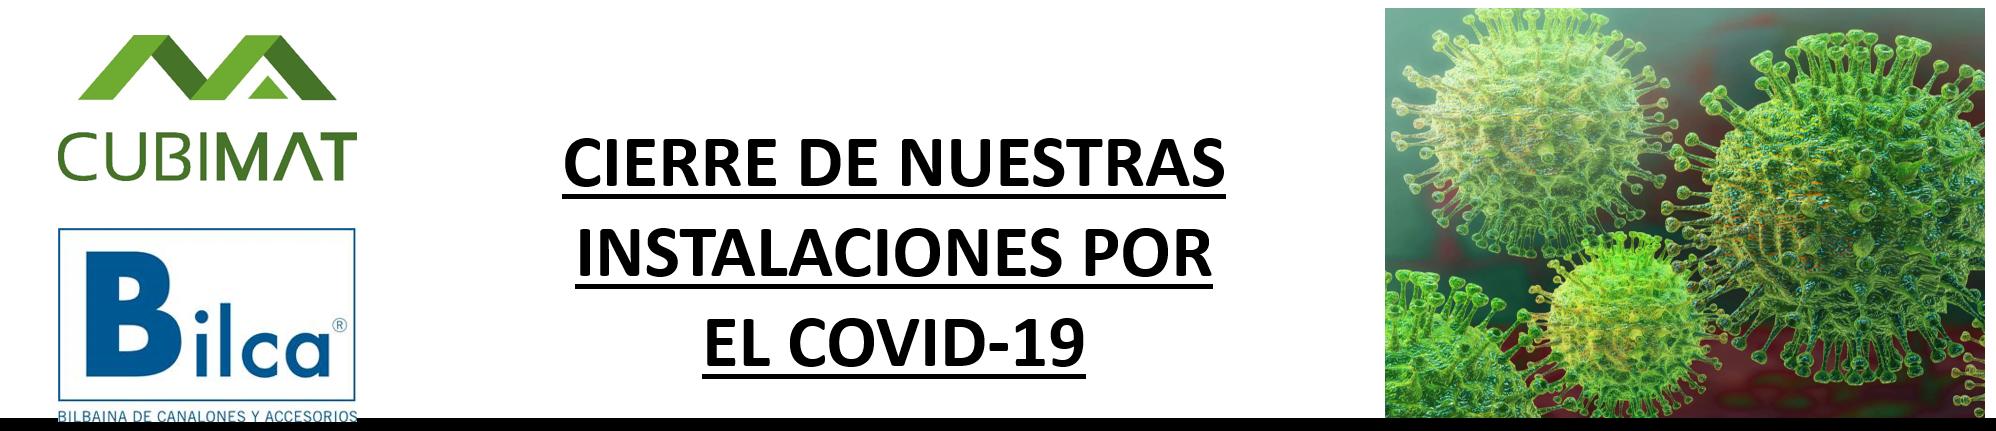 Cierre de Nuestras Instalaciones por el Covid-19